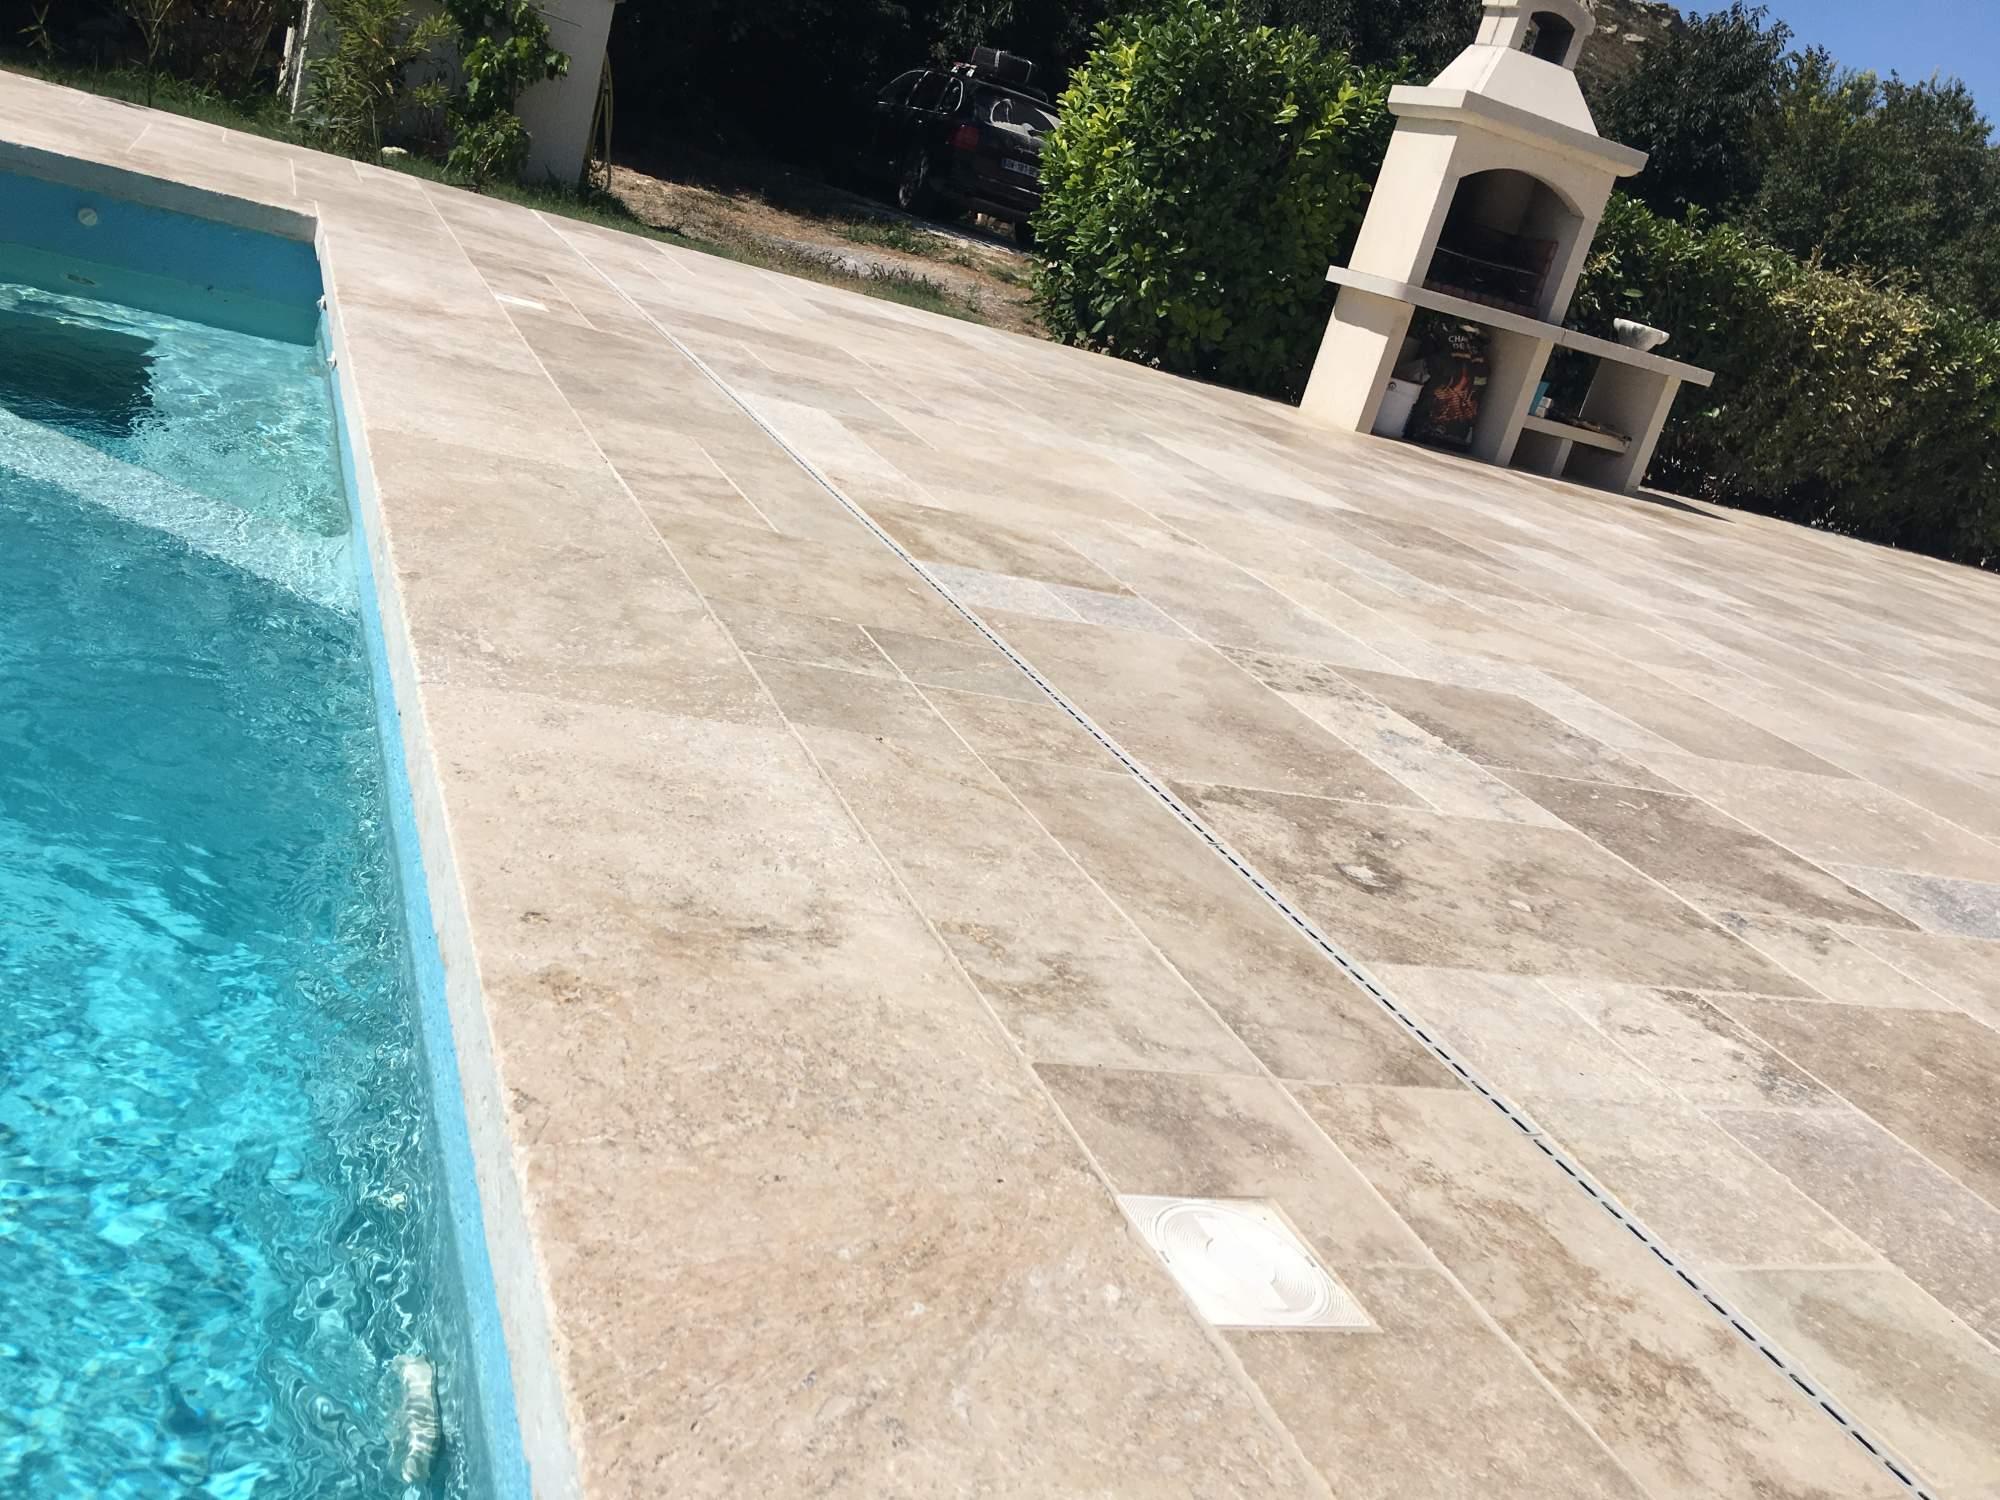 Terrasse en contour de piscine en opus de travertin bouche du rh ne carrelage int rieur et - Piscine tubulaire avec terrasse lyon ...